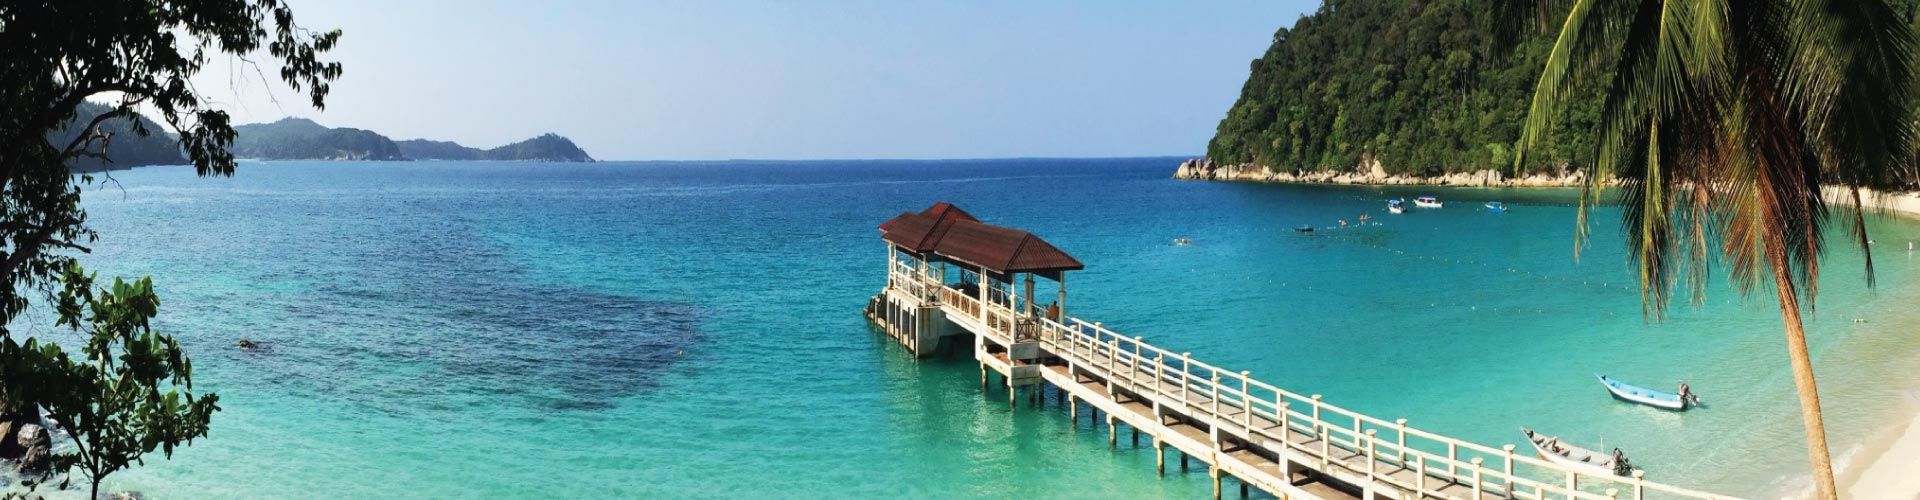 Perhentian Island Package @ Perhentian Island Resort